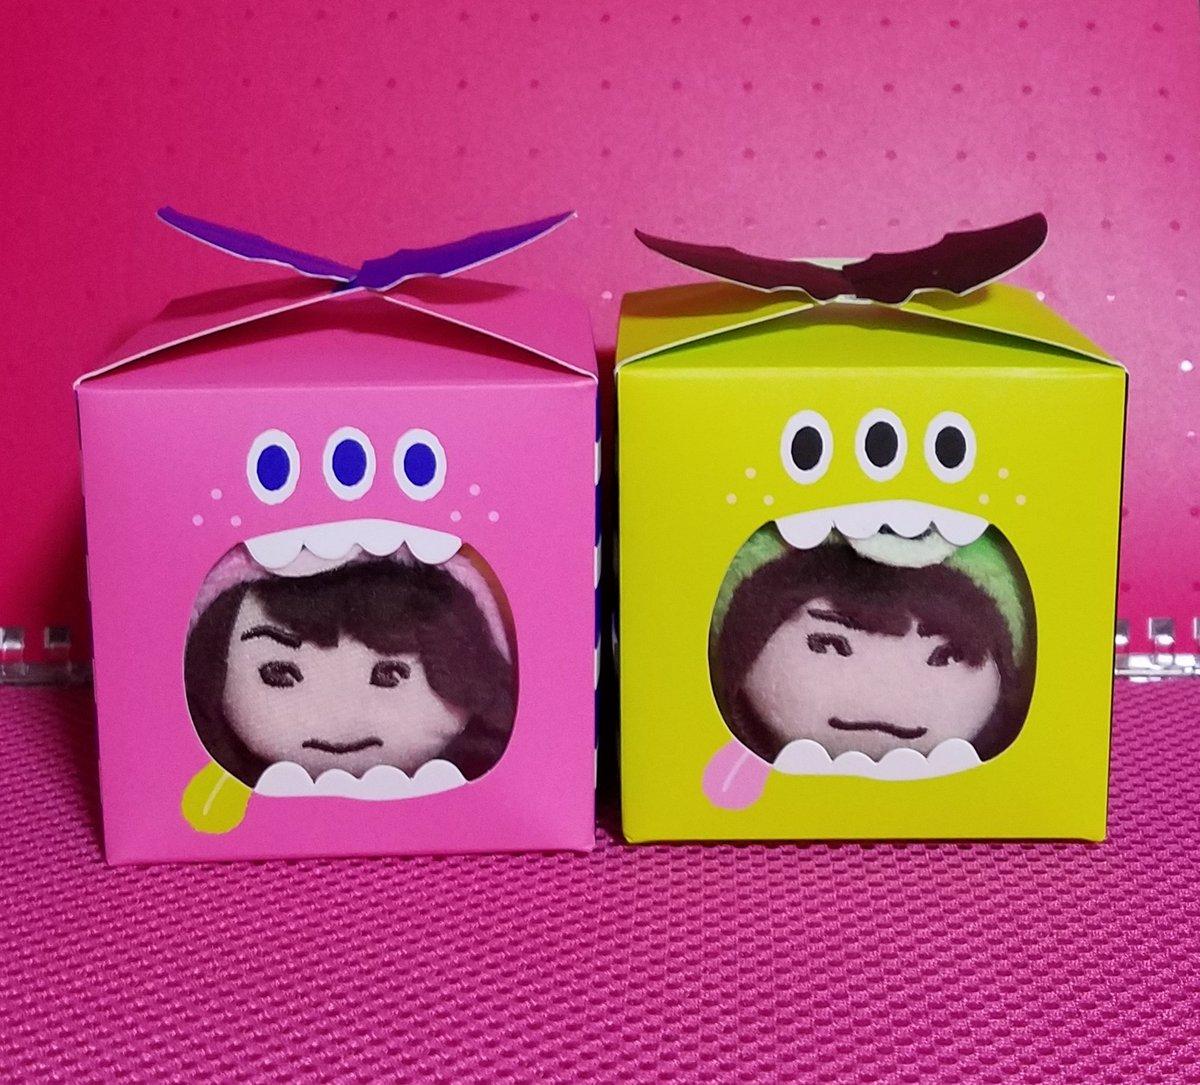 test ツイッターメディア - 可愛い箱見つけた(*'▽'*)♪  ピンクとキミドリだから、ガヤベアとニカベアを入れてみたよ!  #藤ヶ谷太輔 #二階堂高嗣  #Seria https://t.co/2yL8Kc2Cui